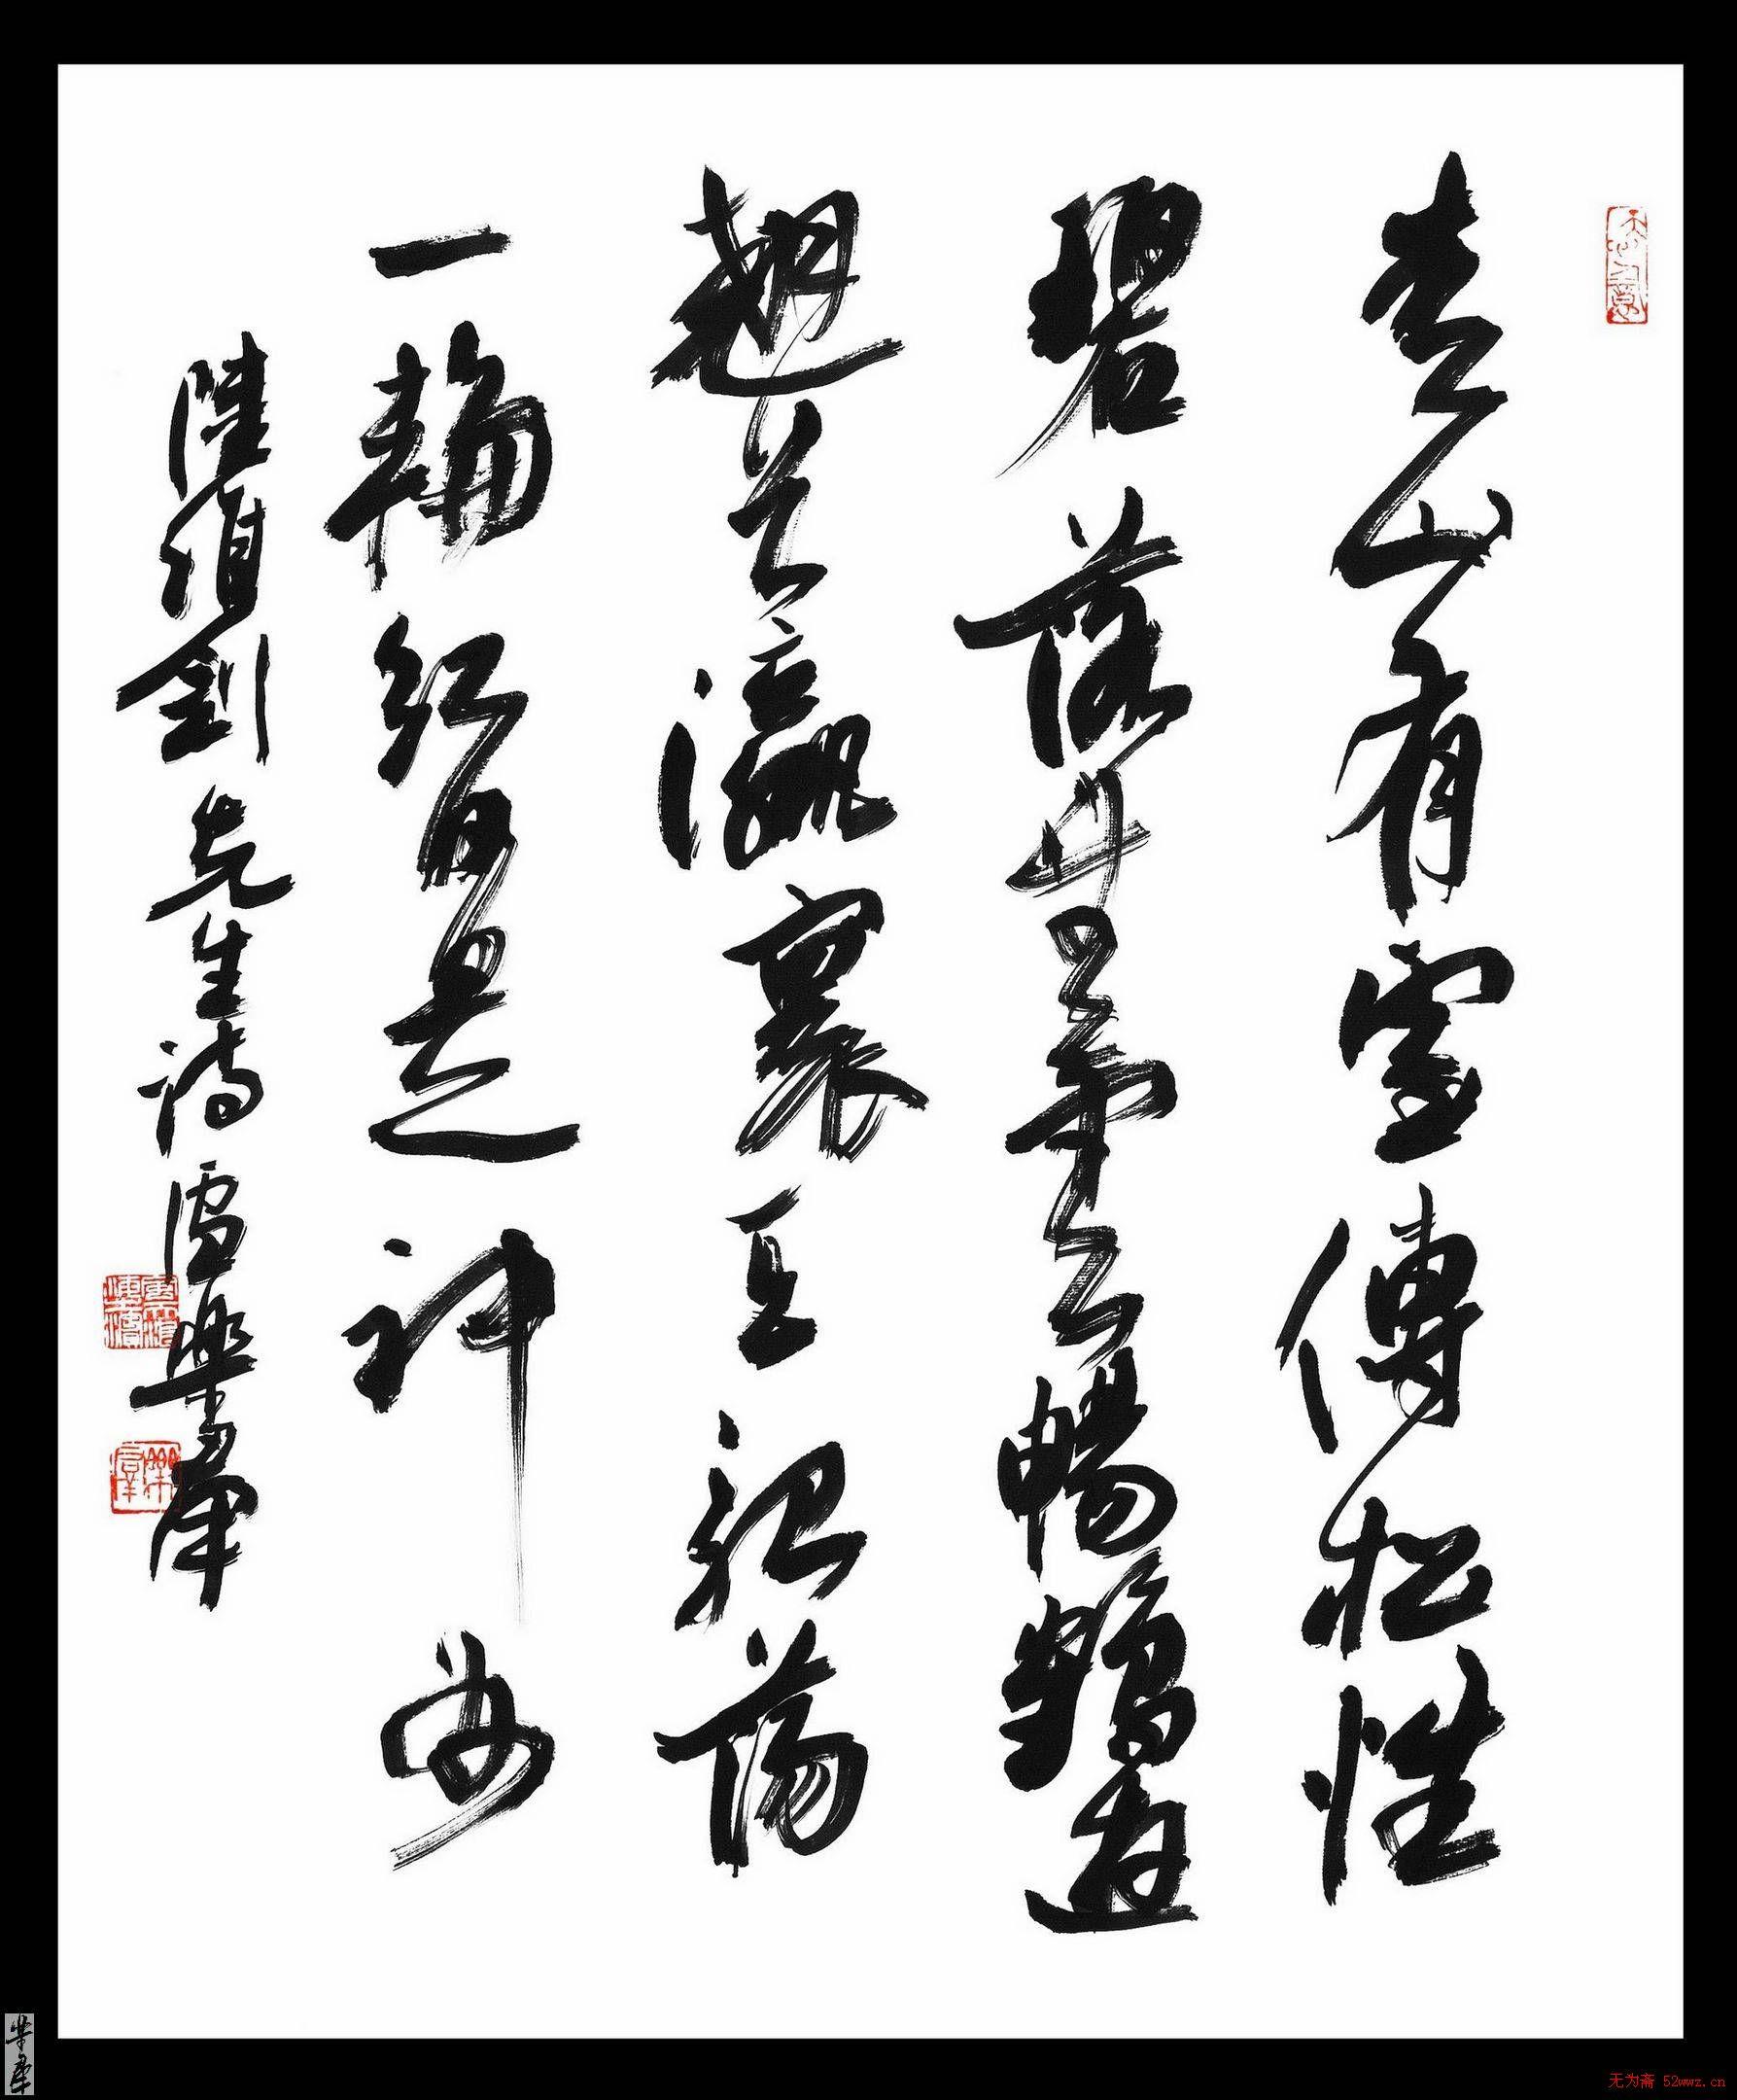 《卢乐群书法艺术》.pdf下载